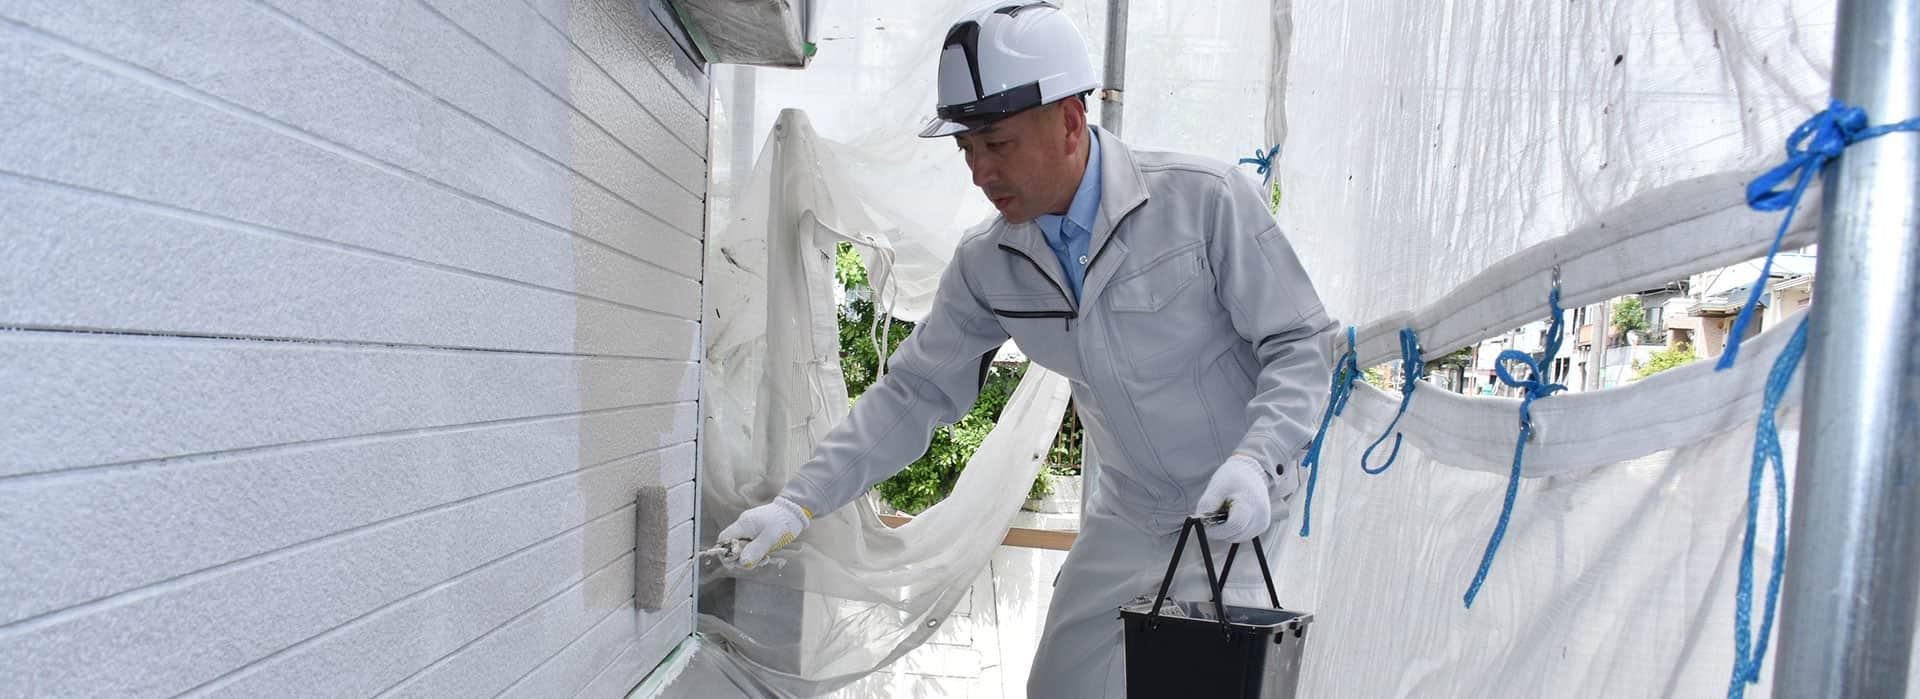 横浜市の外壁塗装の職人直営店、山田工芸から皆様へお伝えしたいこと